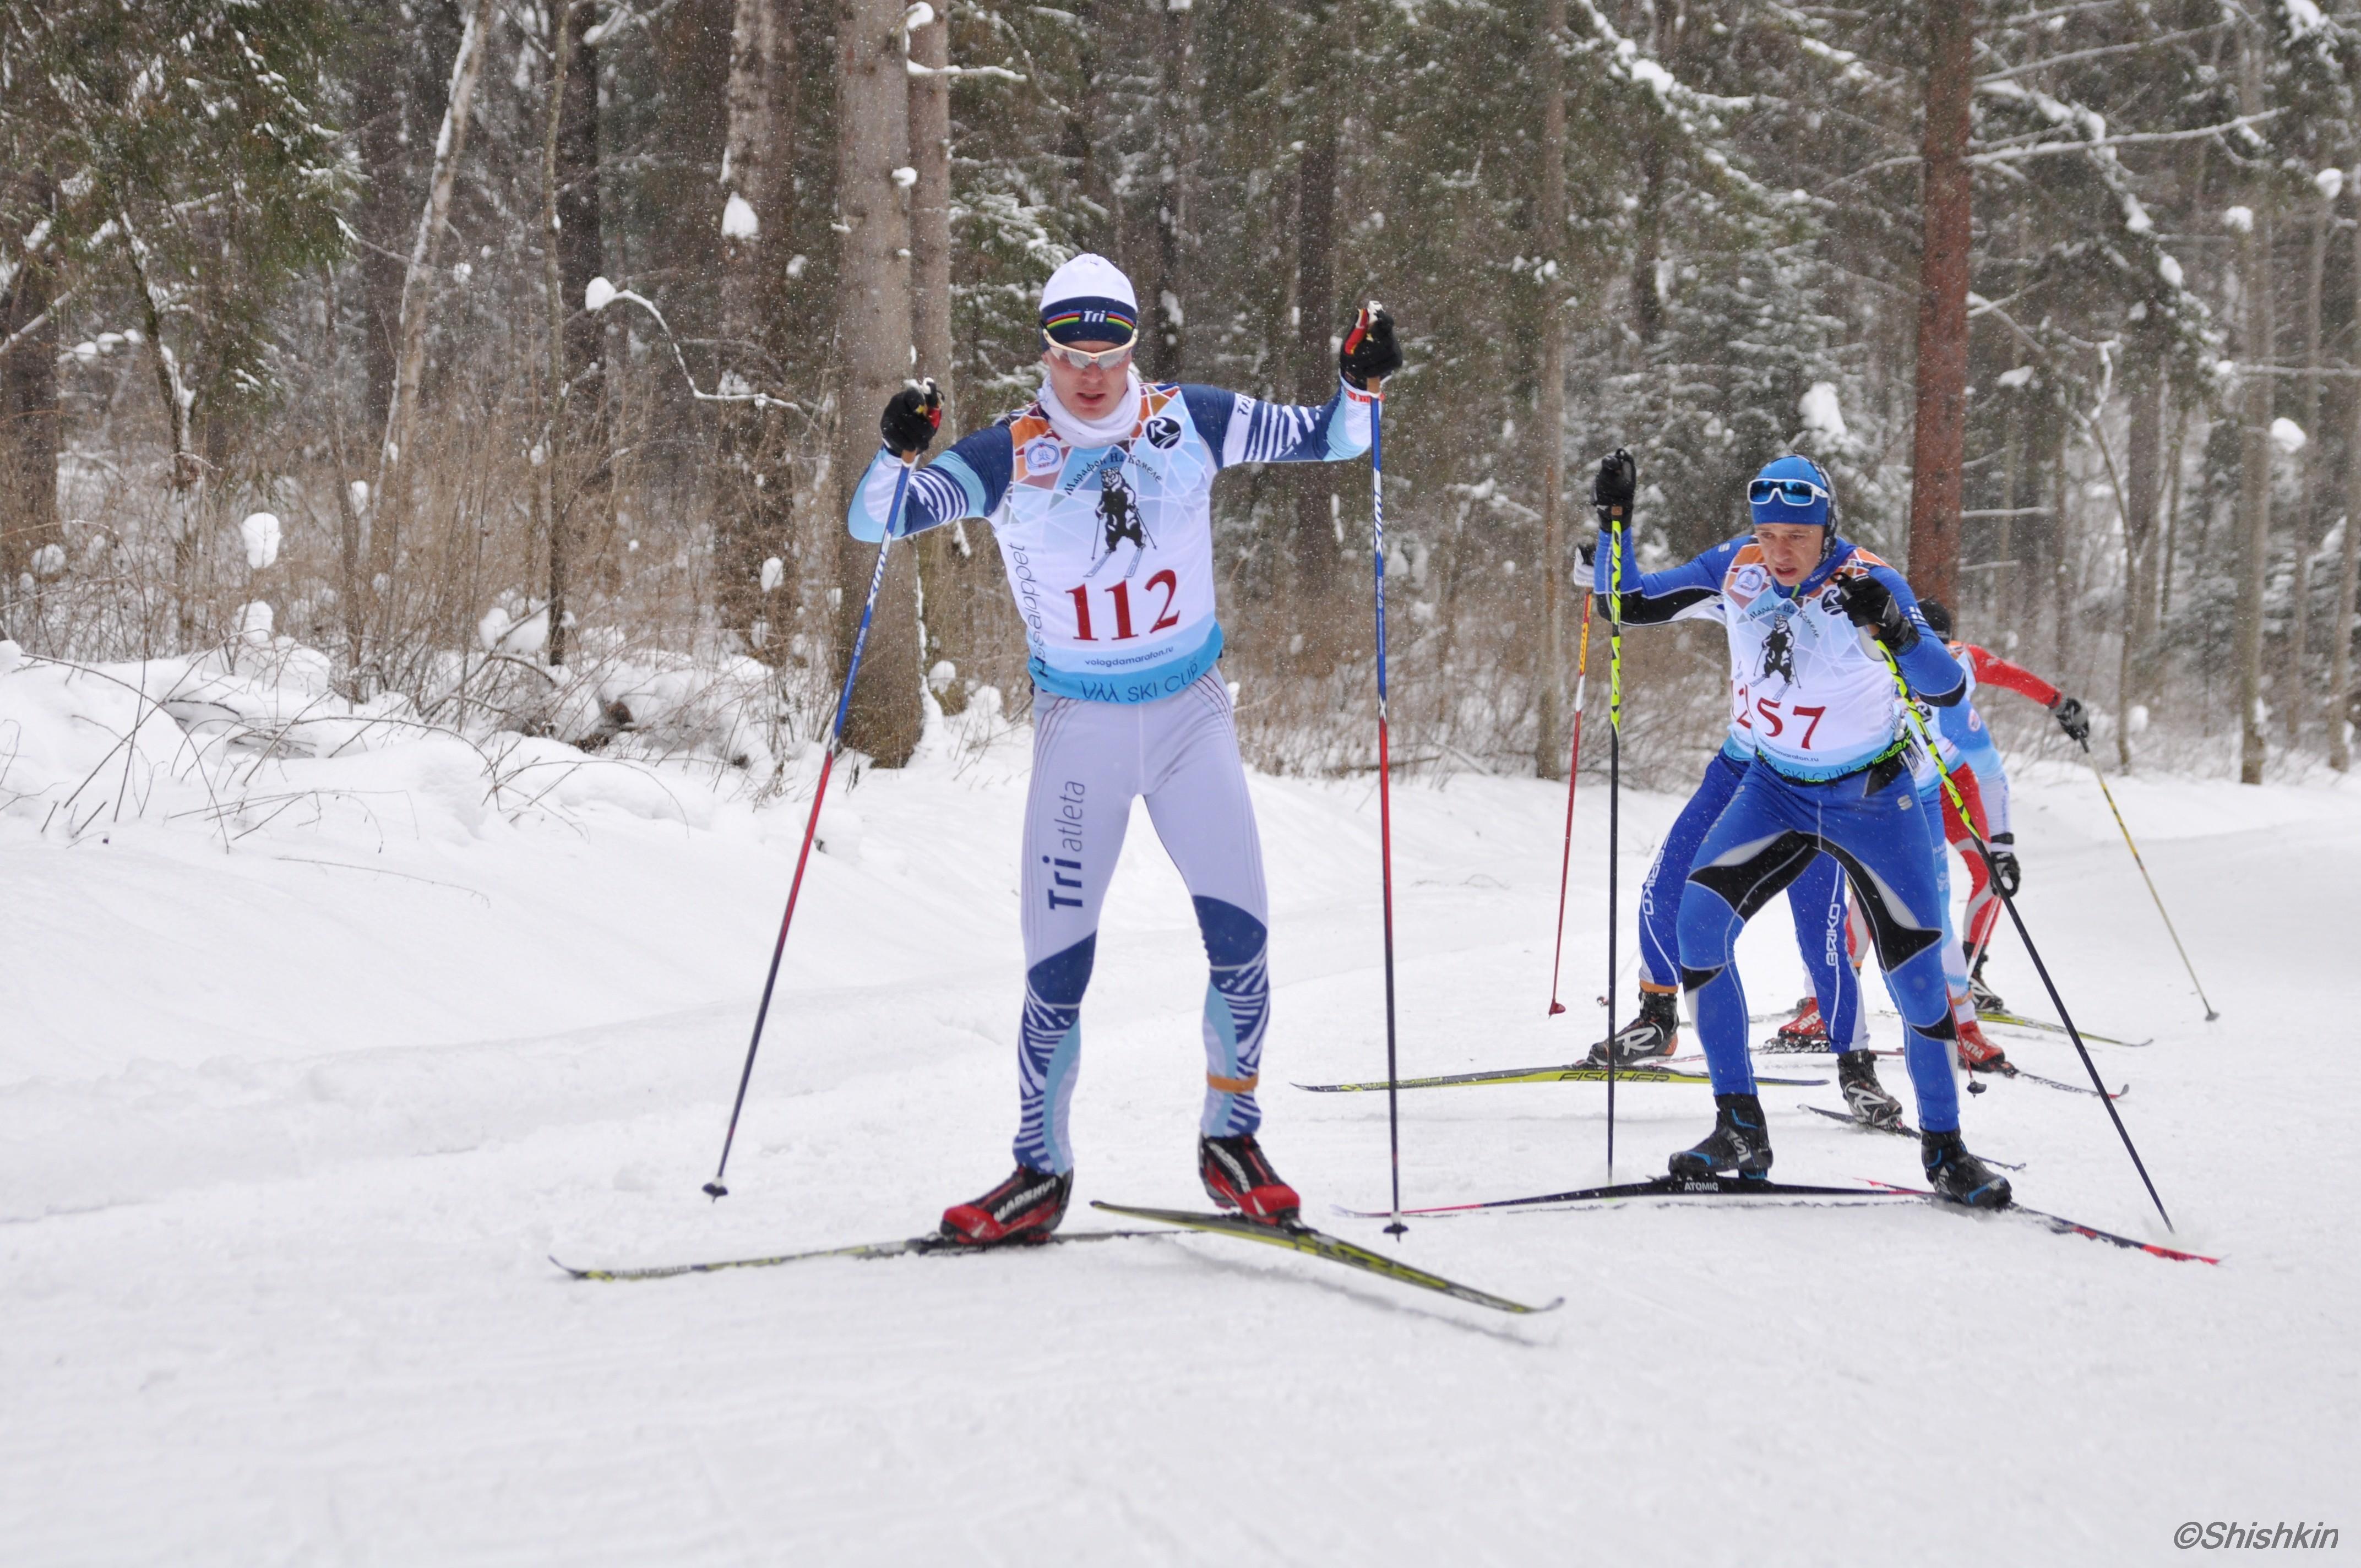 Подъем на трассе лыжного марафона в Вологде